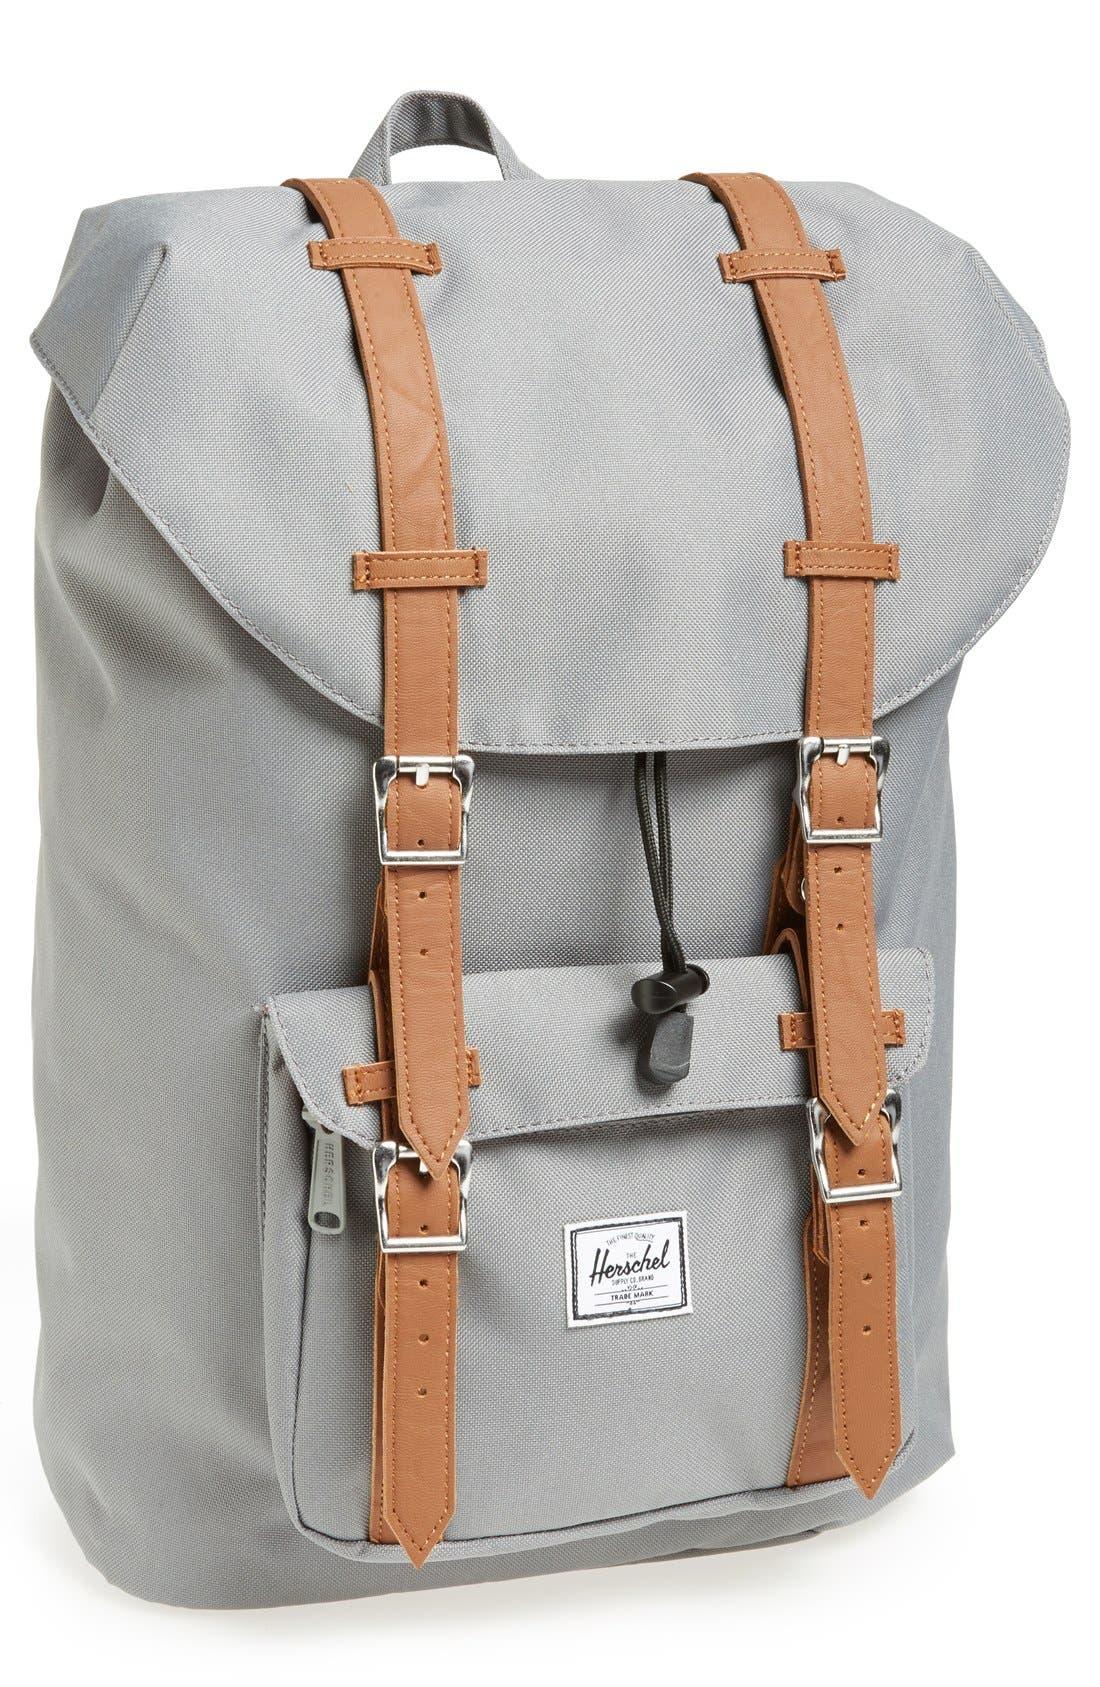 052e580b6e62 Herschel Backpacks